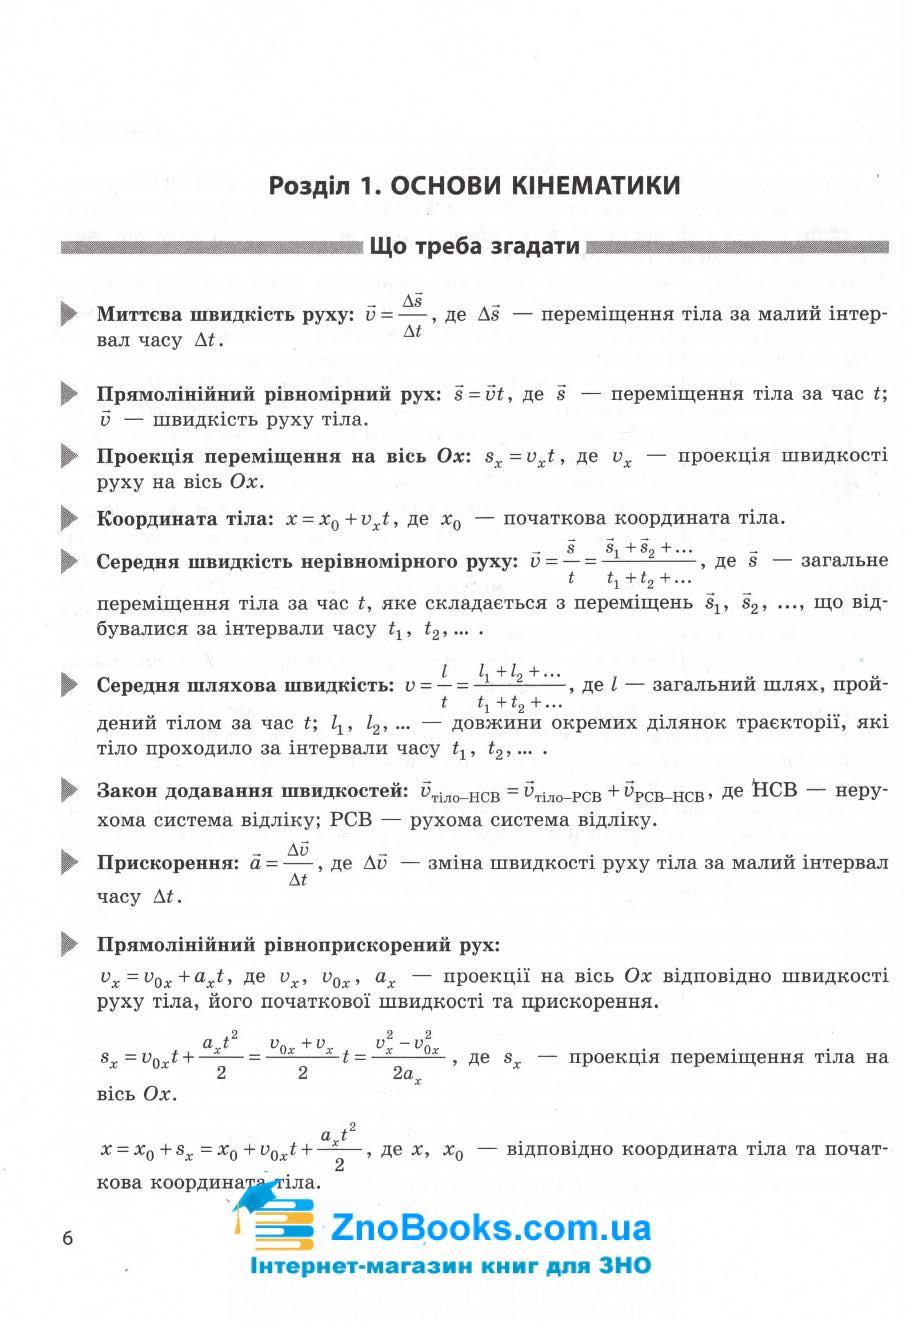 ЗНО 2022 фізика в тестах. Енциклопедія тестових завдань : Гельфгат І. Ранок. купити 6